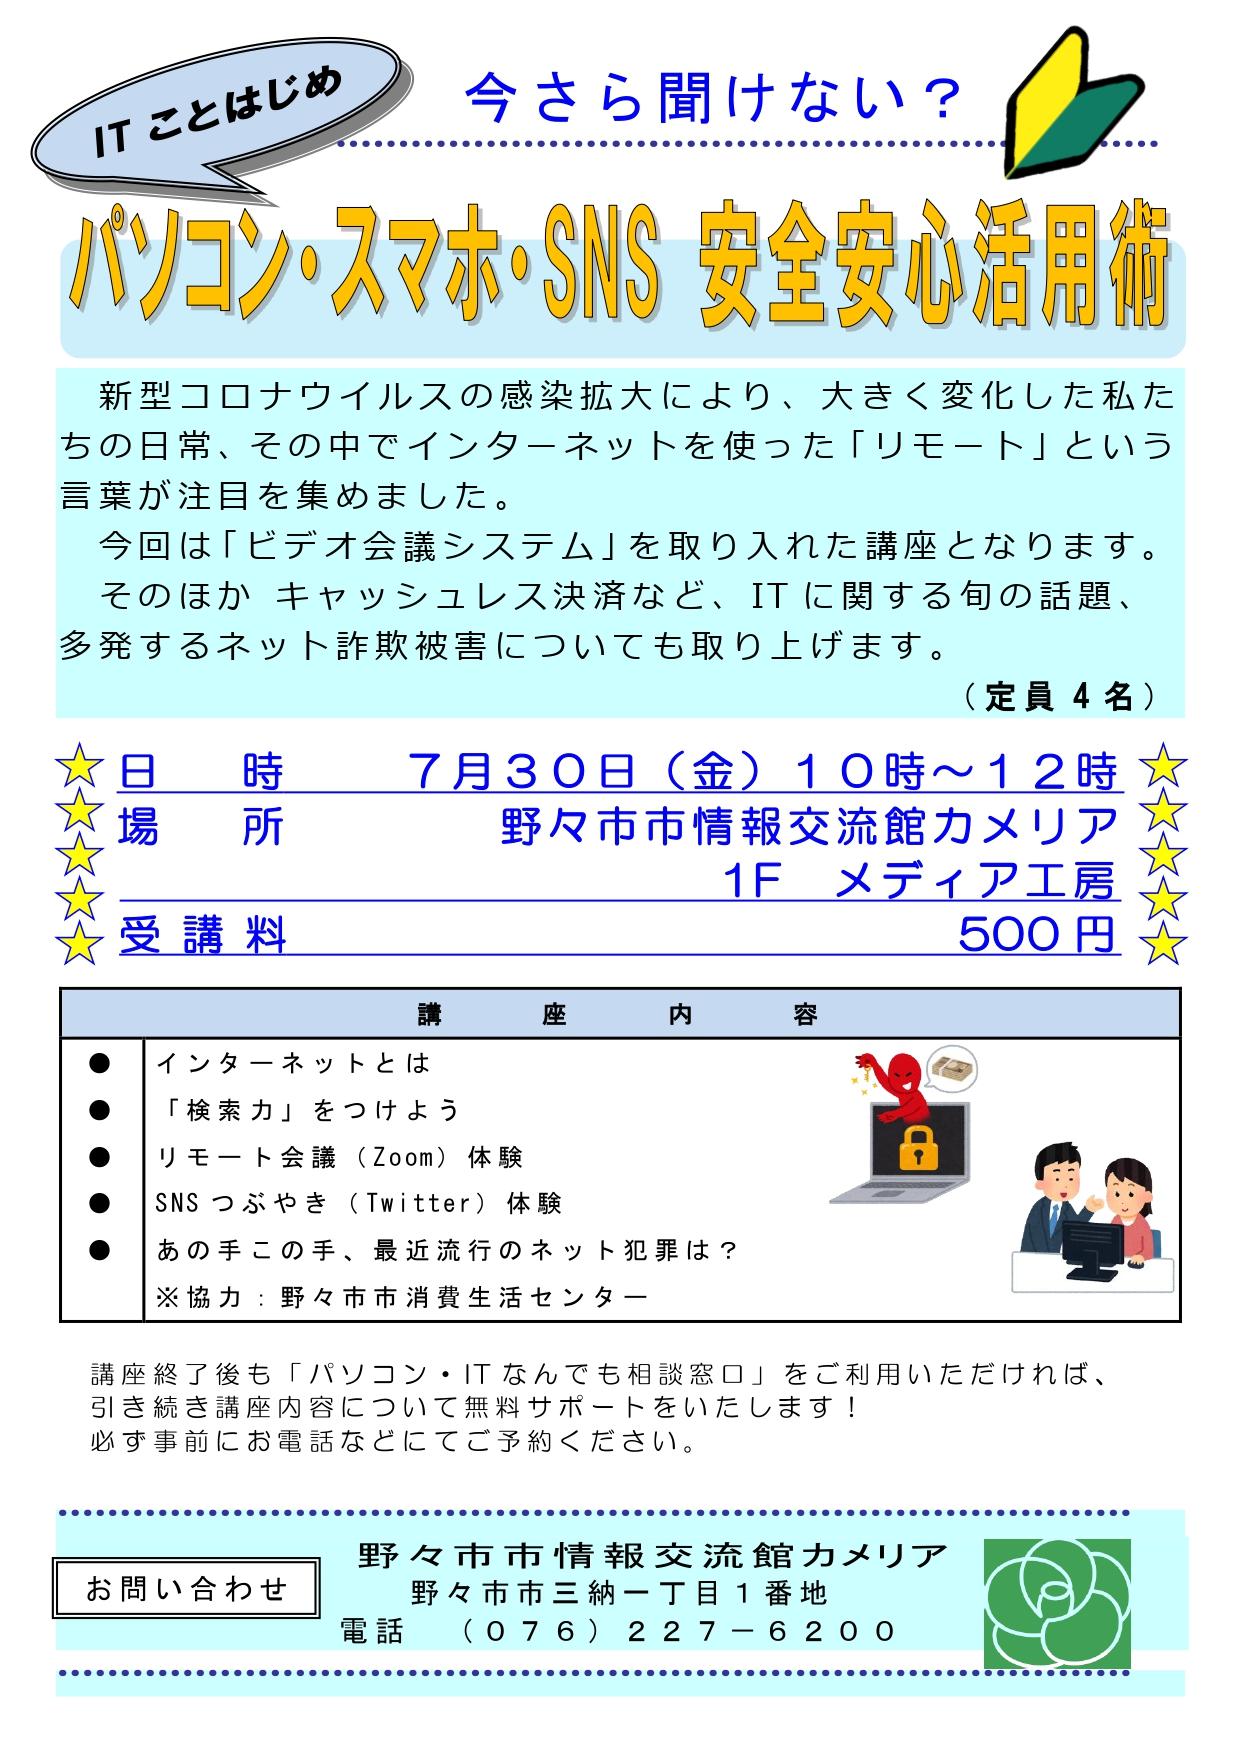 """<span class=""""title"""">ITことはじめ パソコン・スマホ・SNS安全安心活用術</span>"""